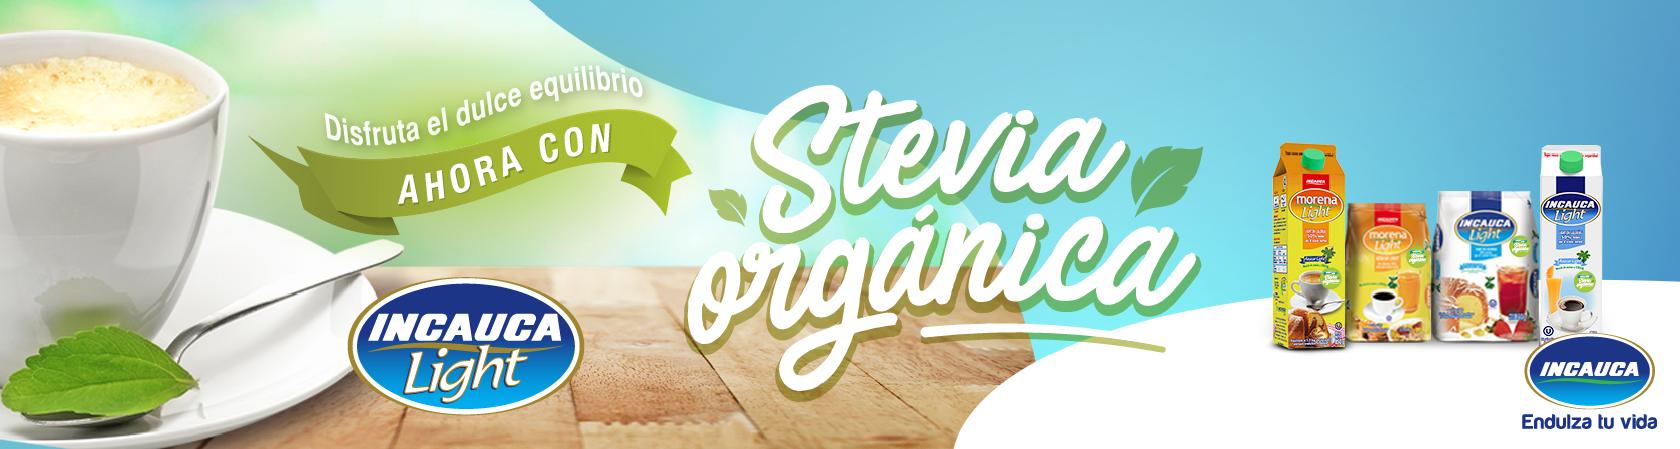 incauca_light-con-stevia_mayo-2018